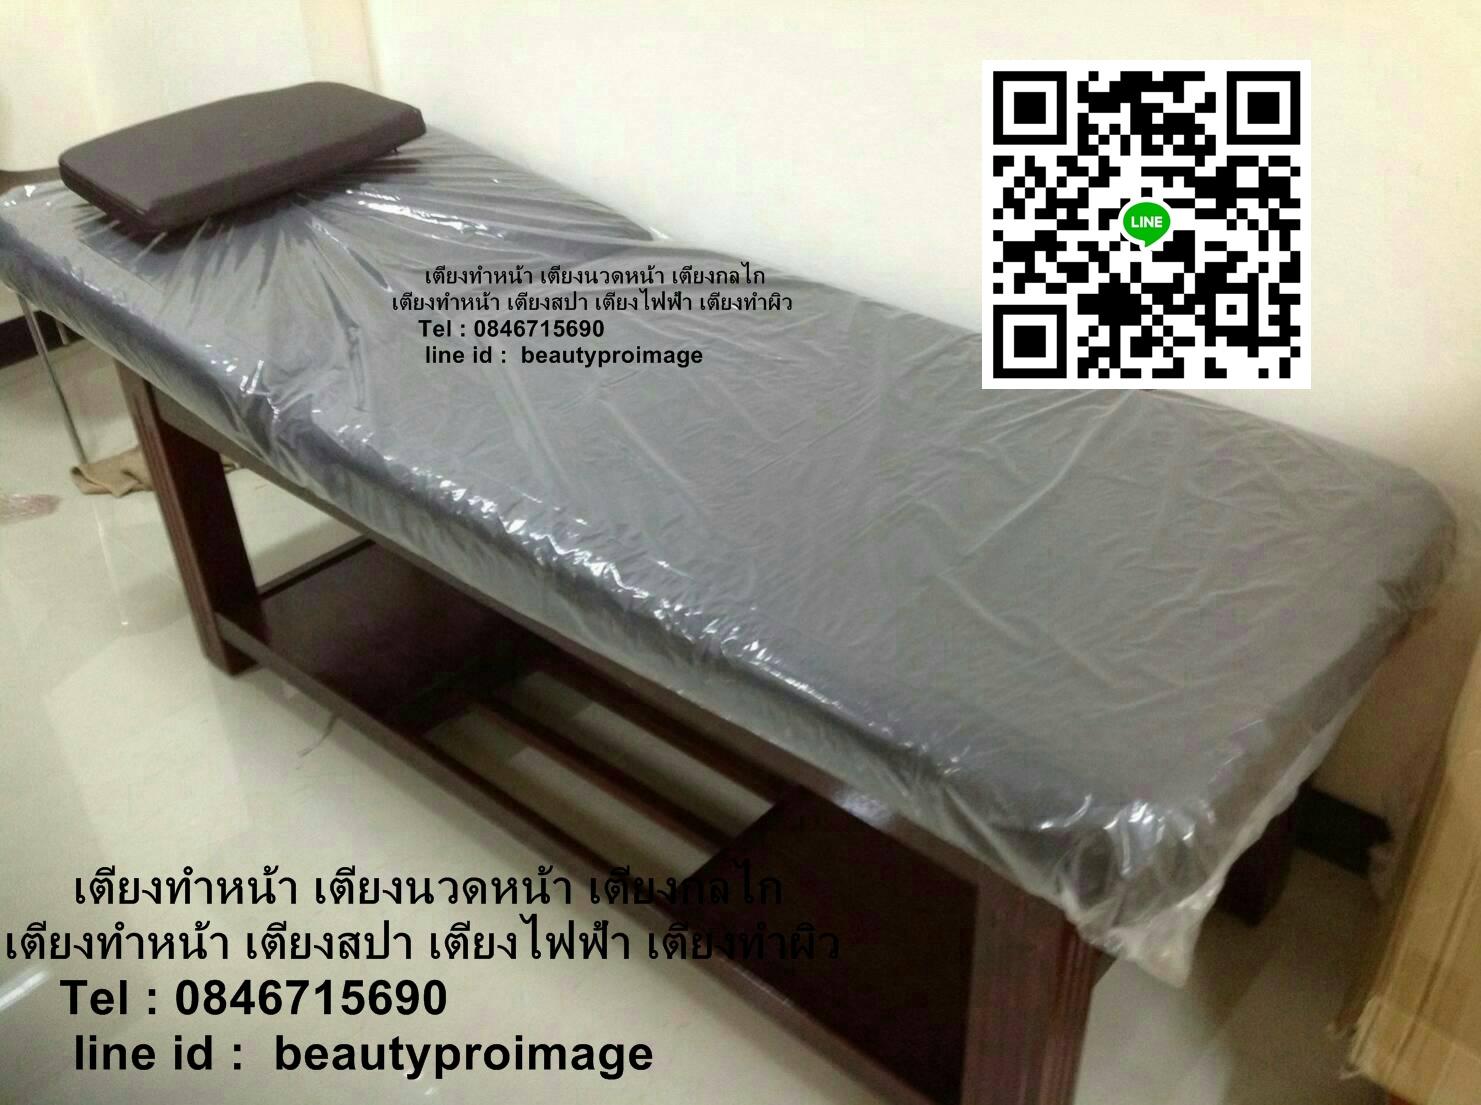 เตียงสปา เตียงสปาตัว ผู้ผลิตและจำหน่ายอุปกรณ์สปา อุปกรณ์สปา